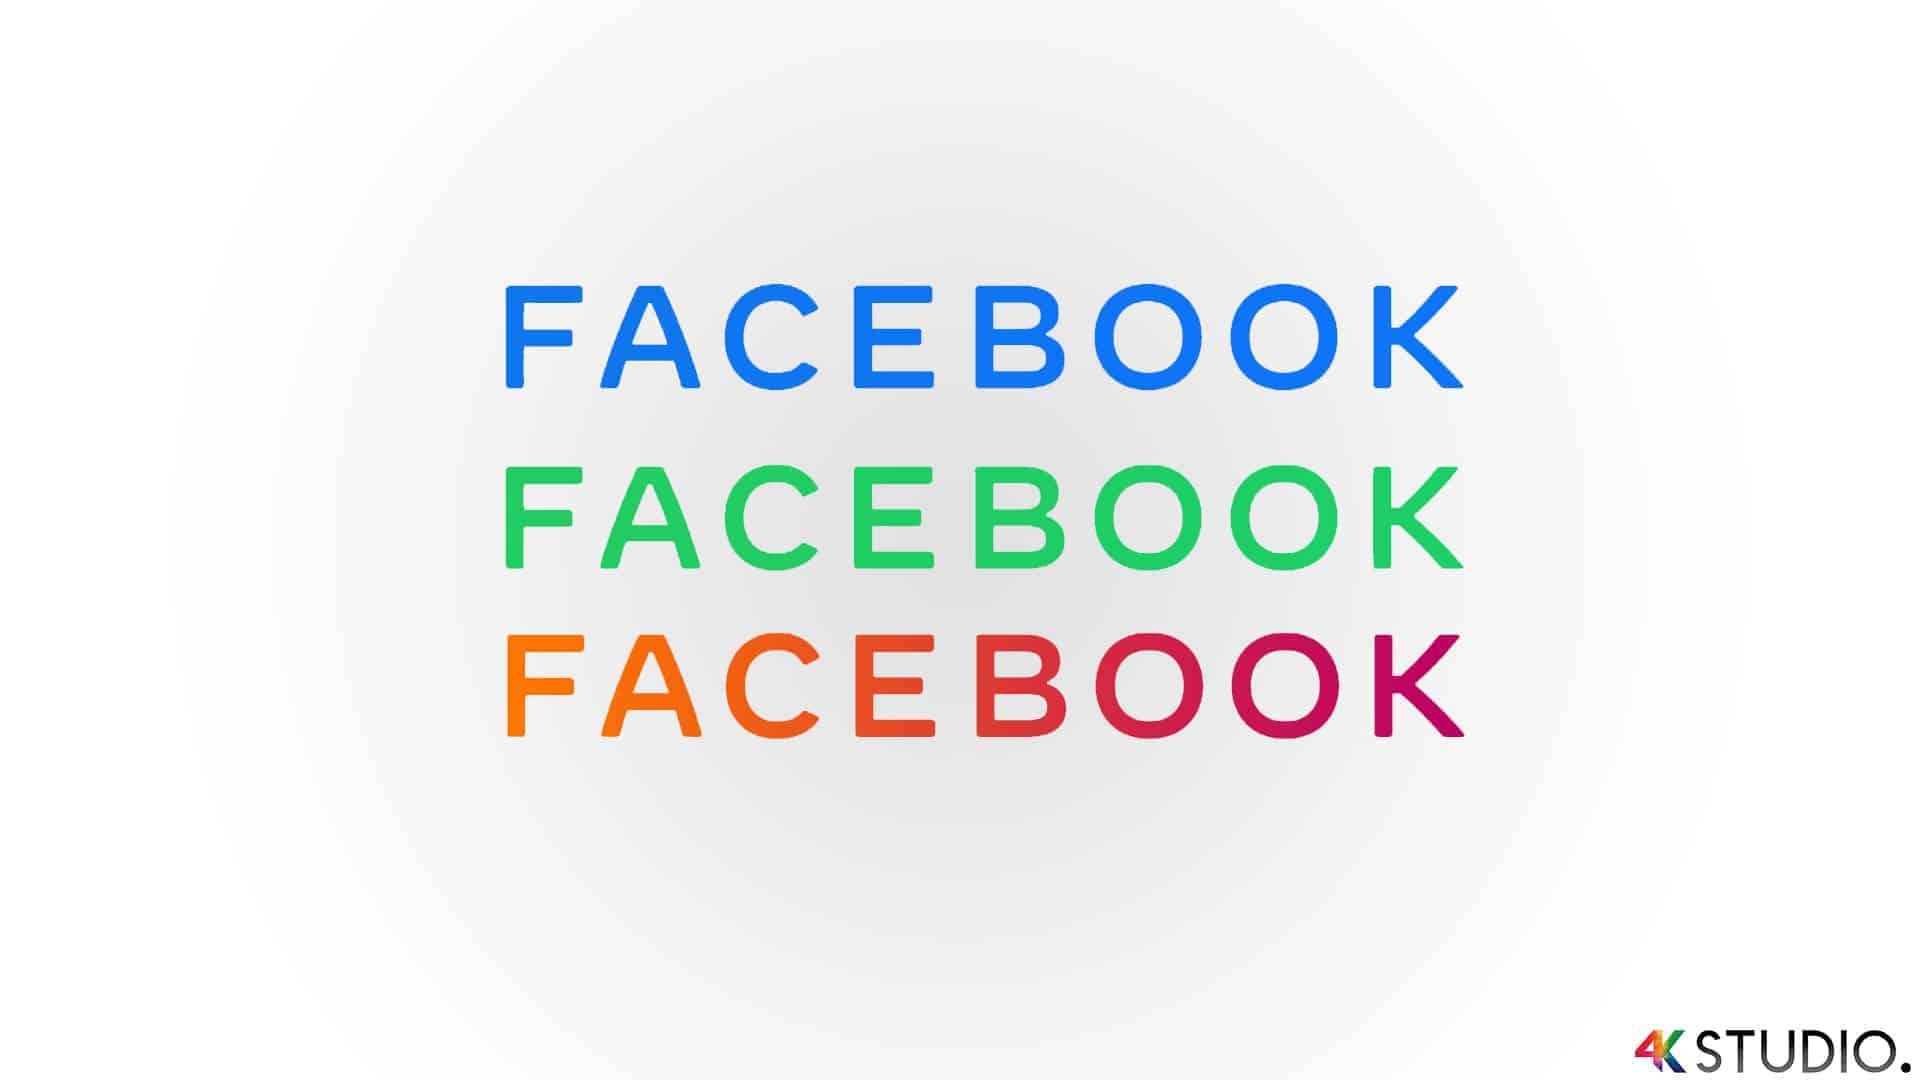 Facebook rolt nieuwe logo uit 2019 en 2020 Instagram WhatsApp en Facebook Messenger